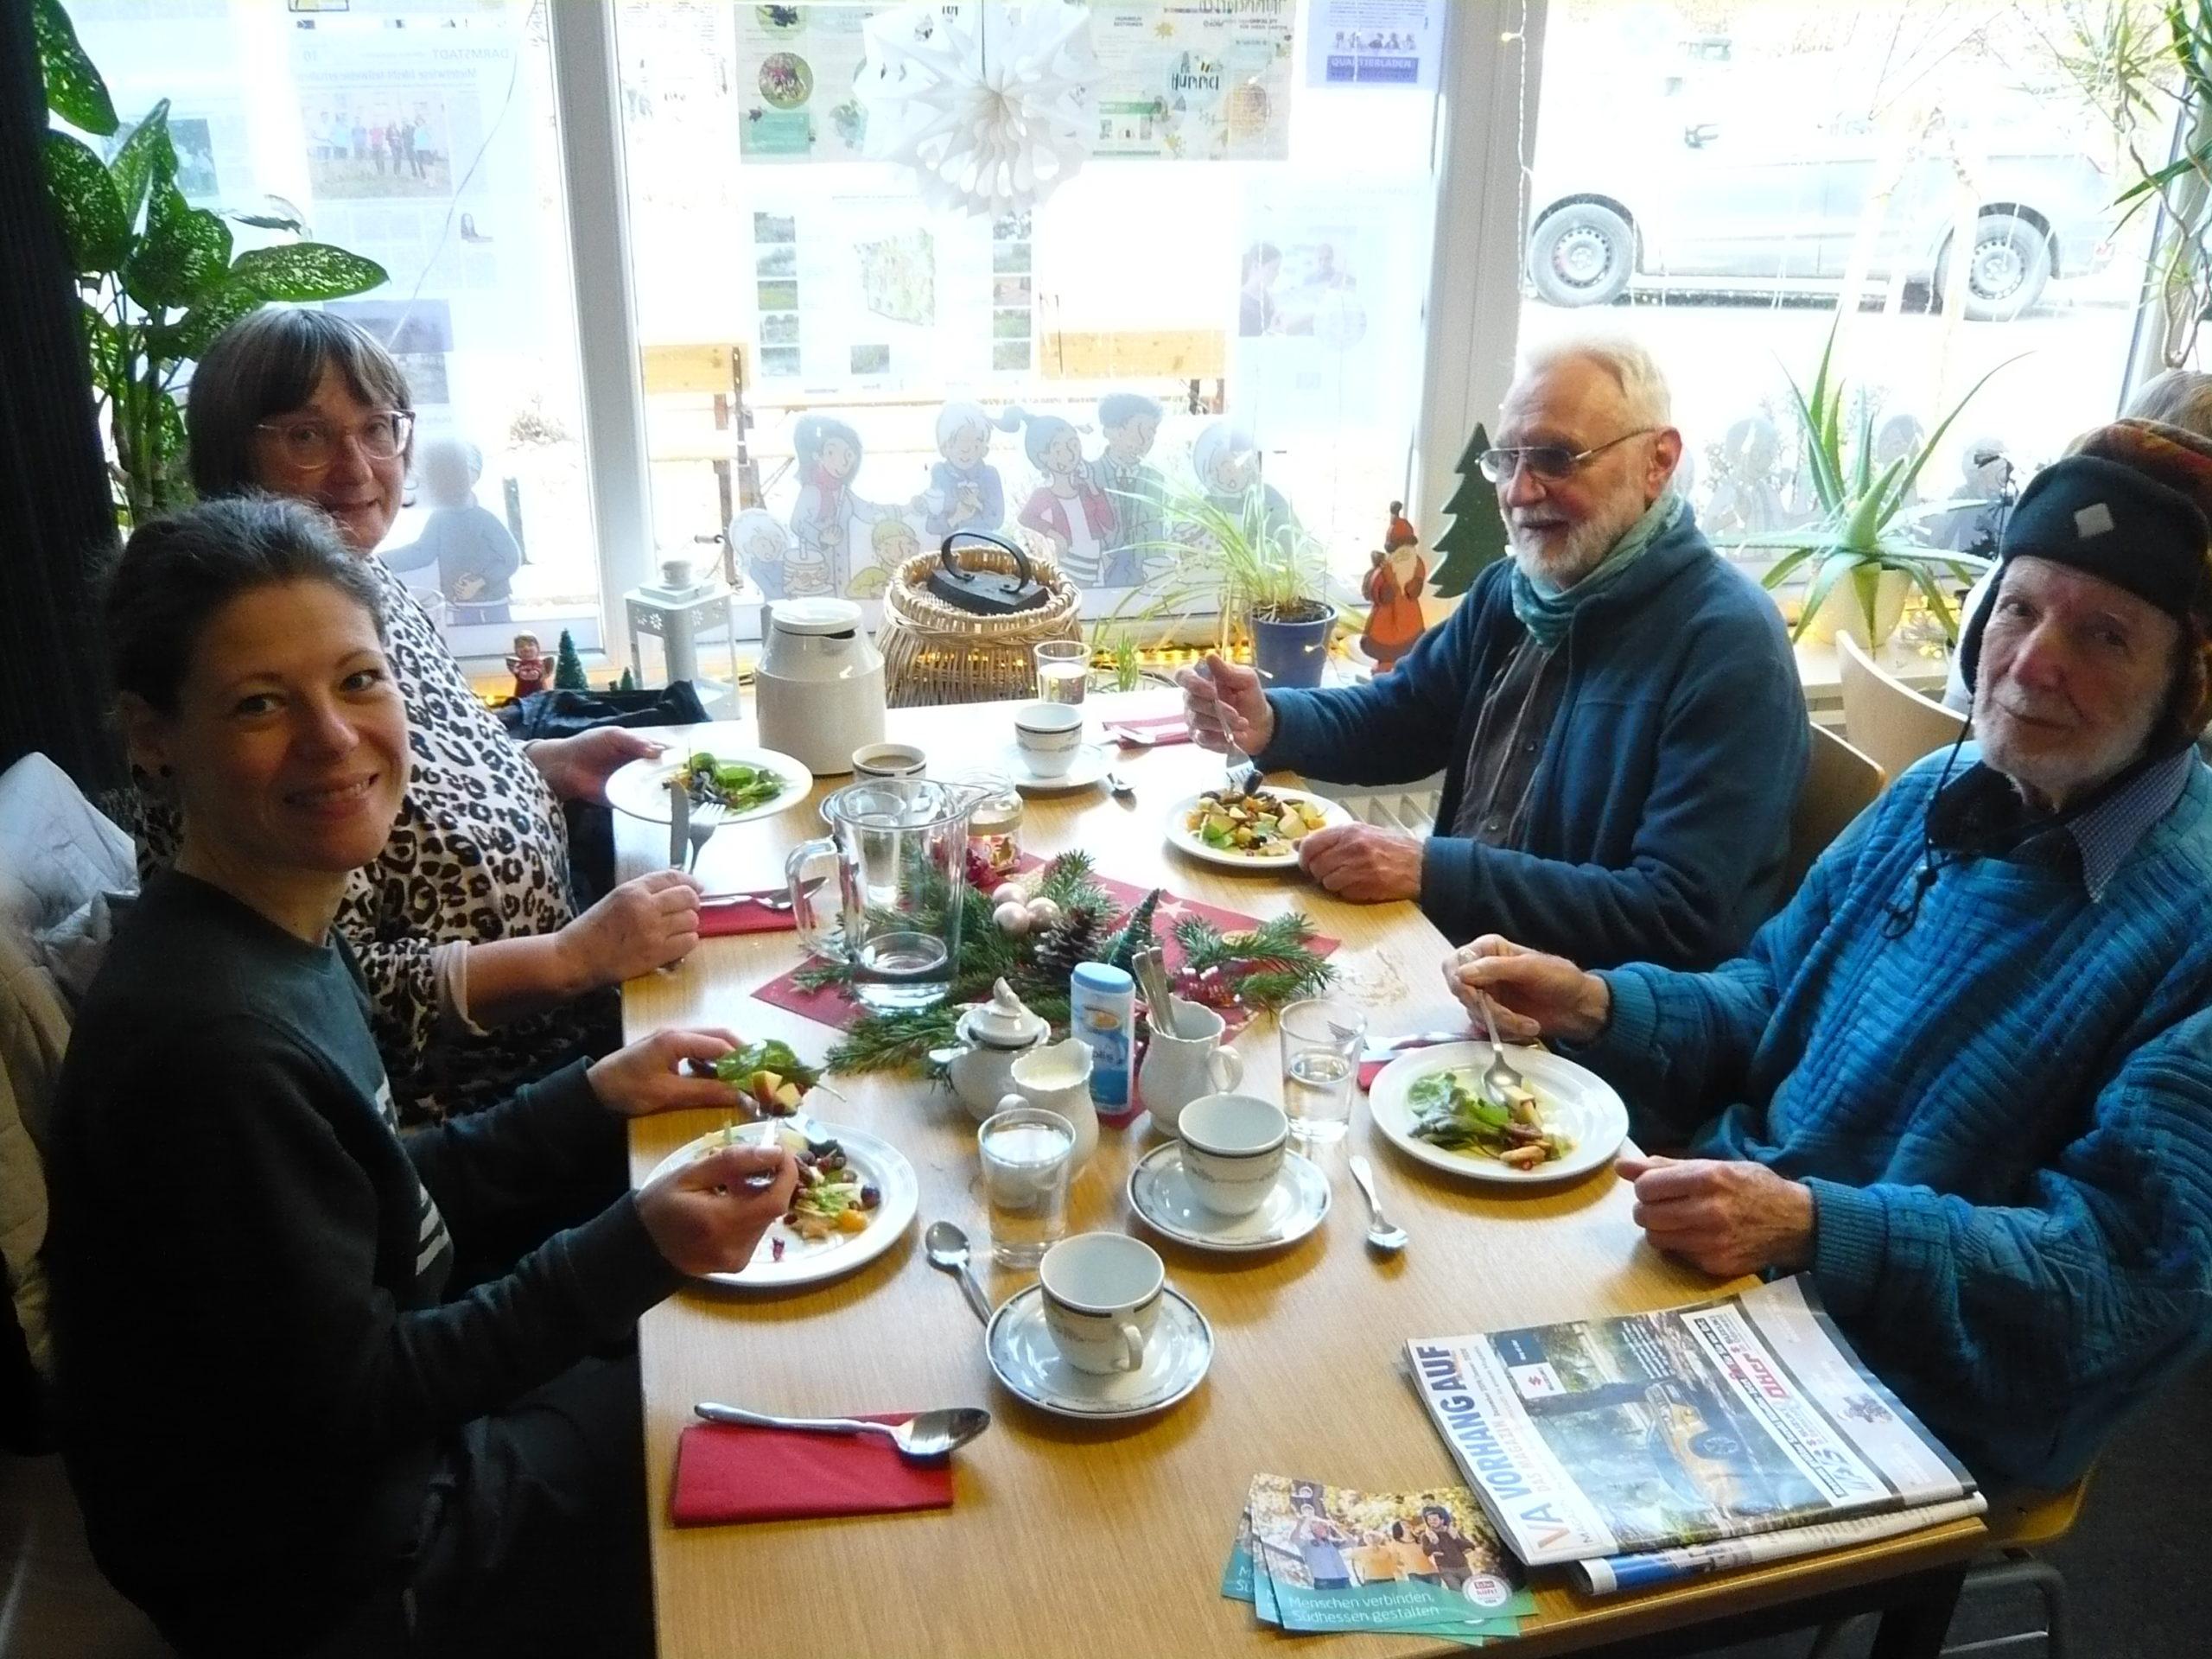 SeniorInnen-Mittagstisch im Jahr 2019 – DANKE für das tolle Feedback!